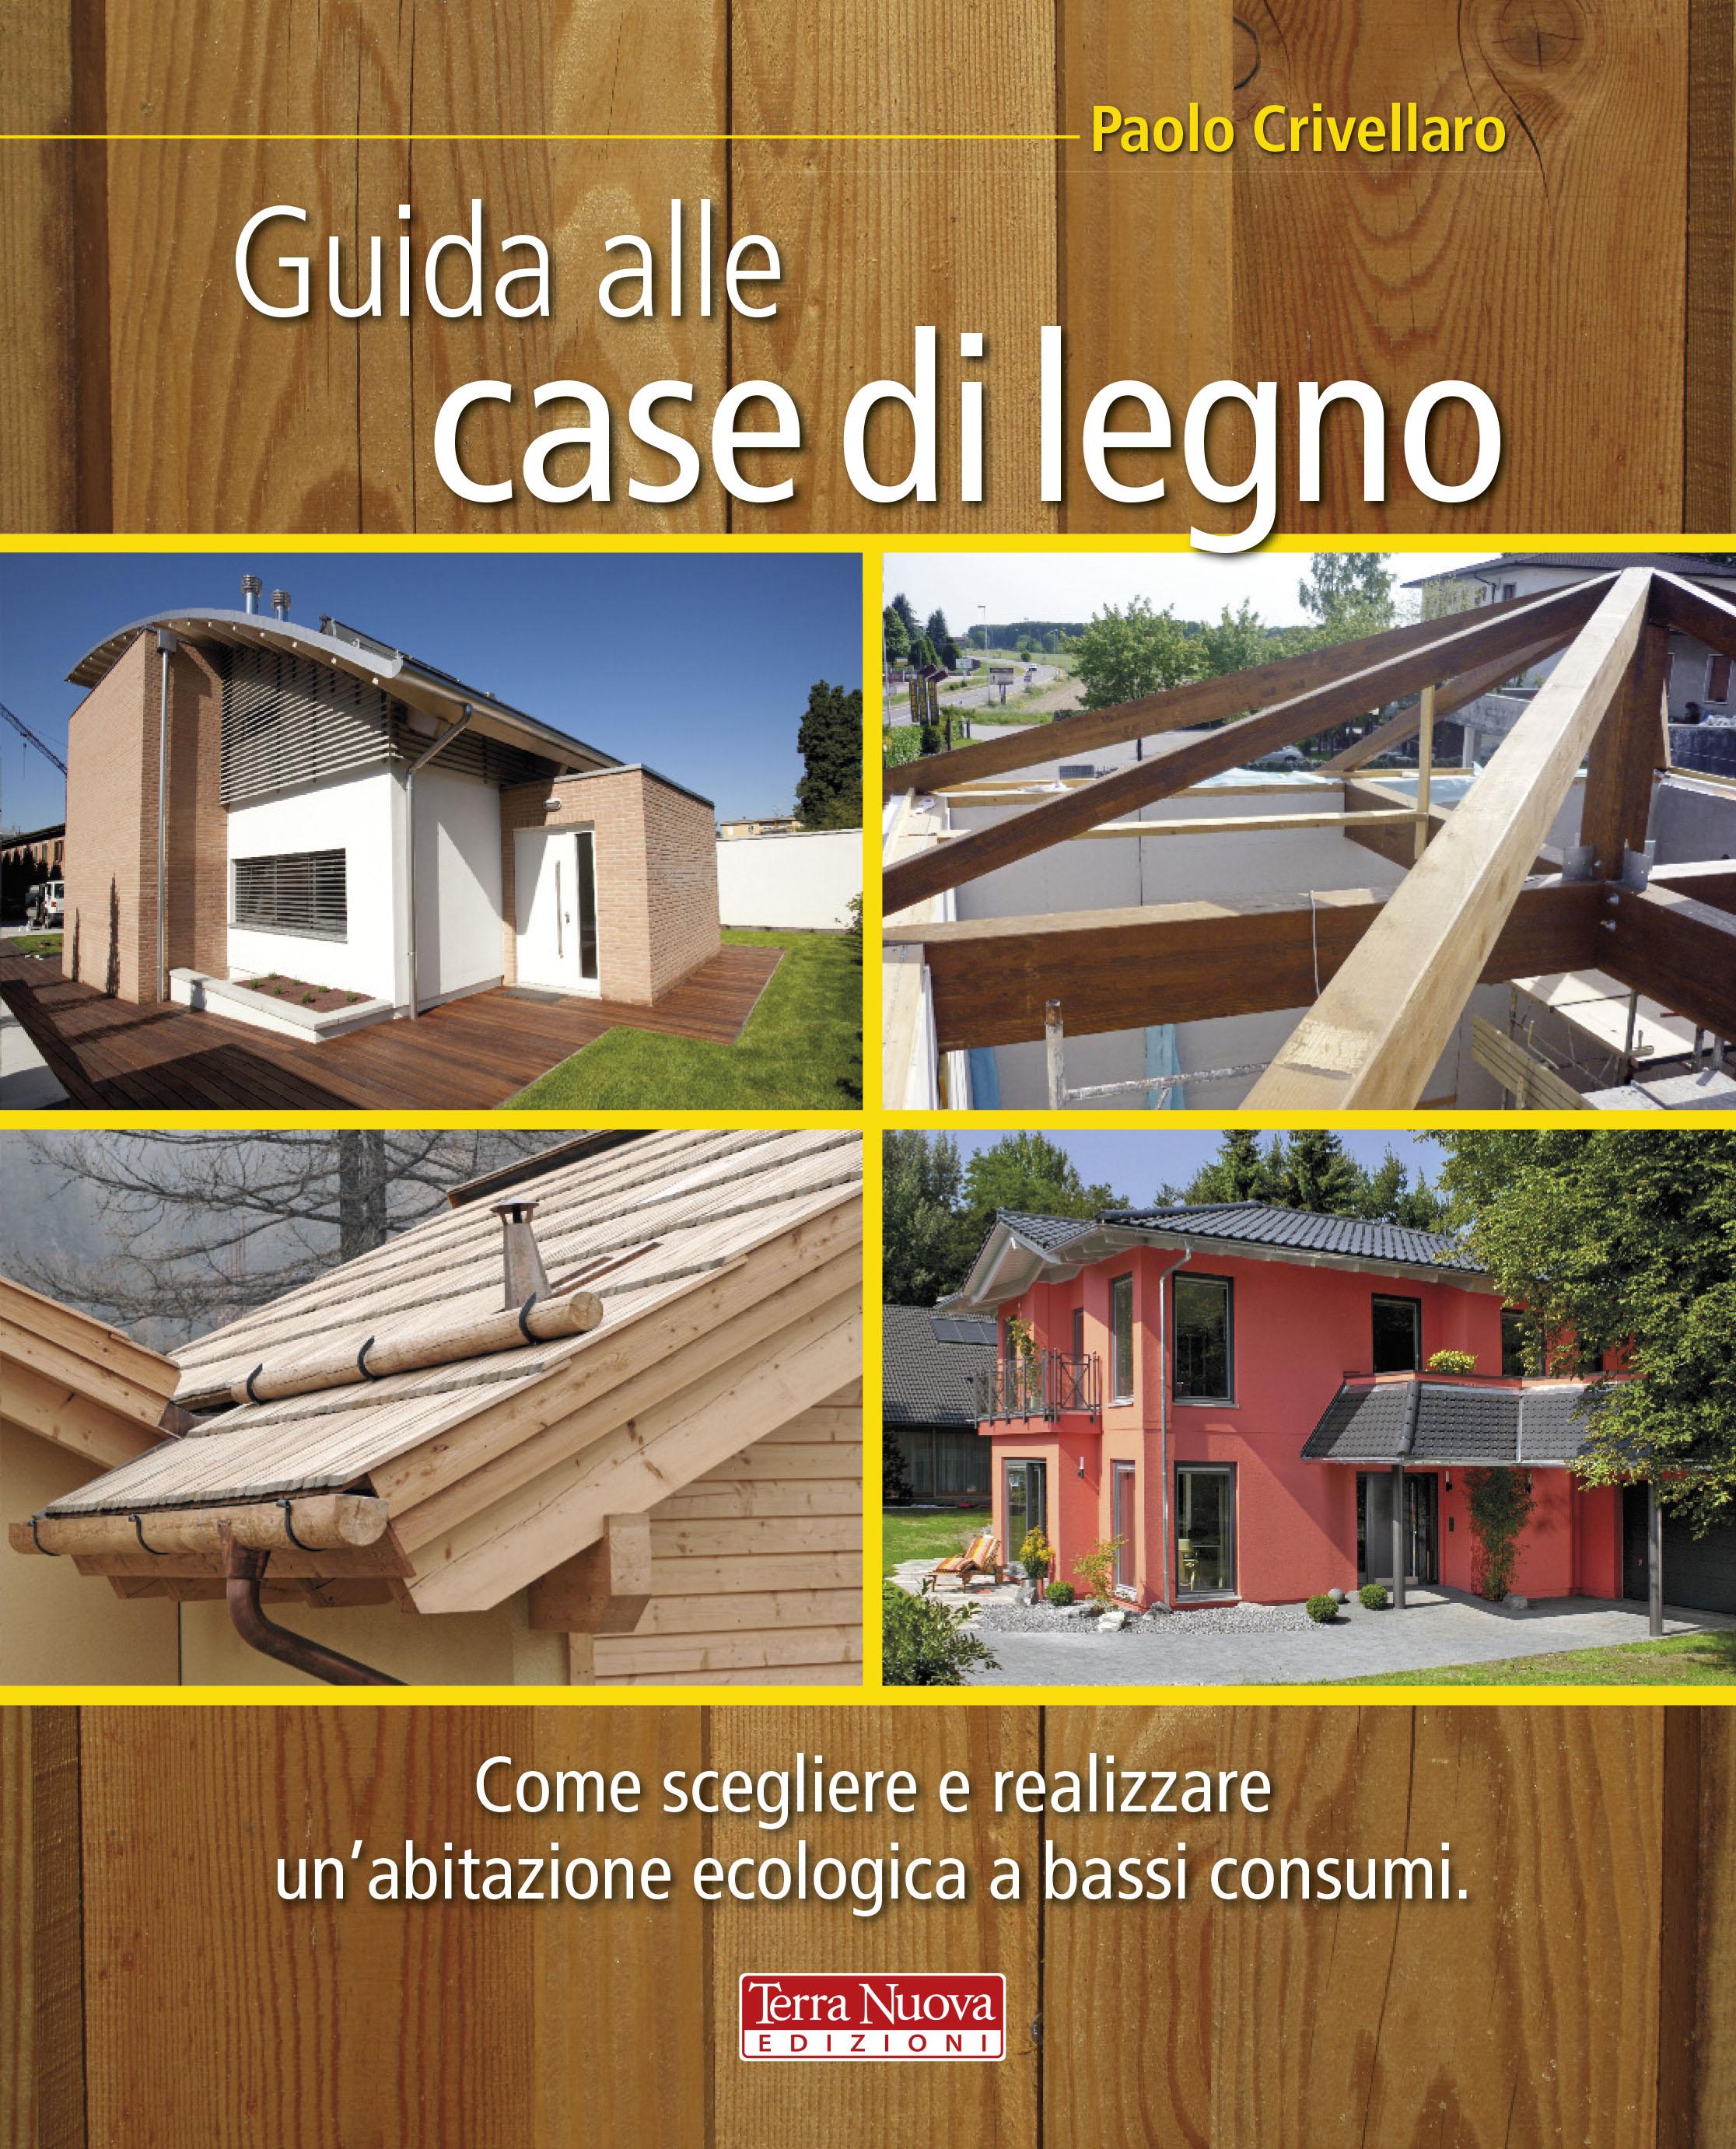 Mondo Casette In Legno. Latest Casette In Legno Per Bambini Axi With Mondo Casette In Legno ...